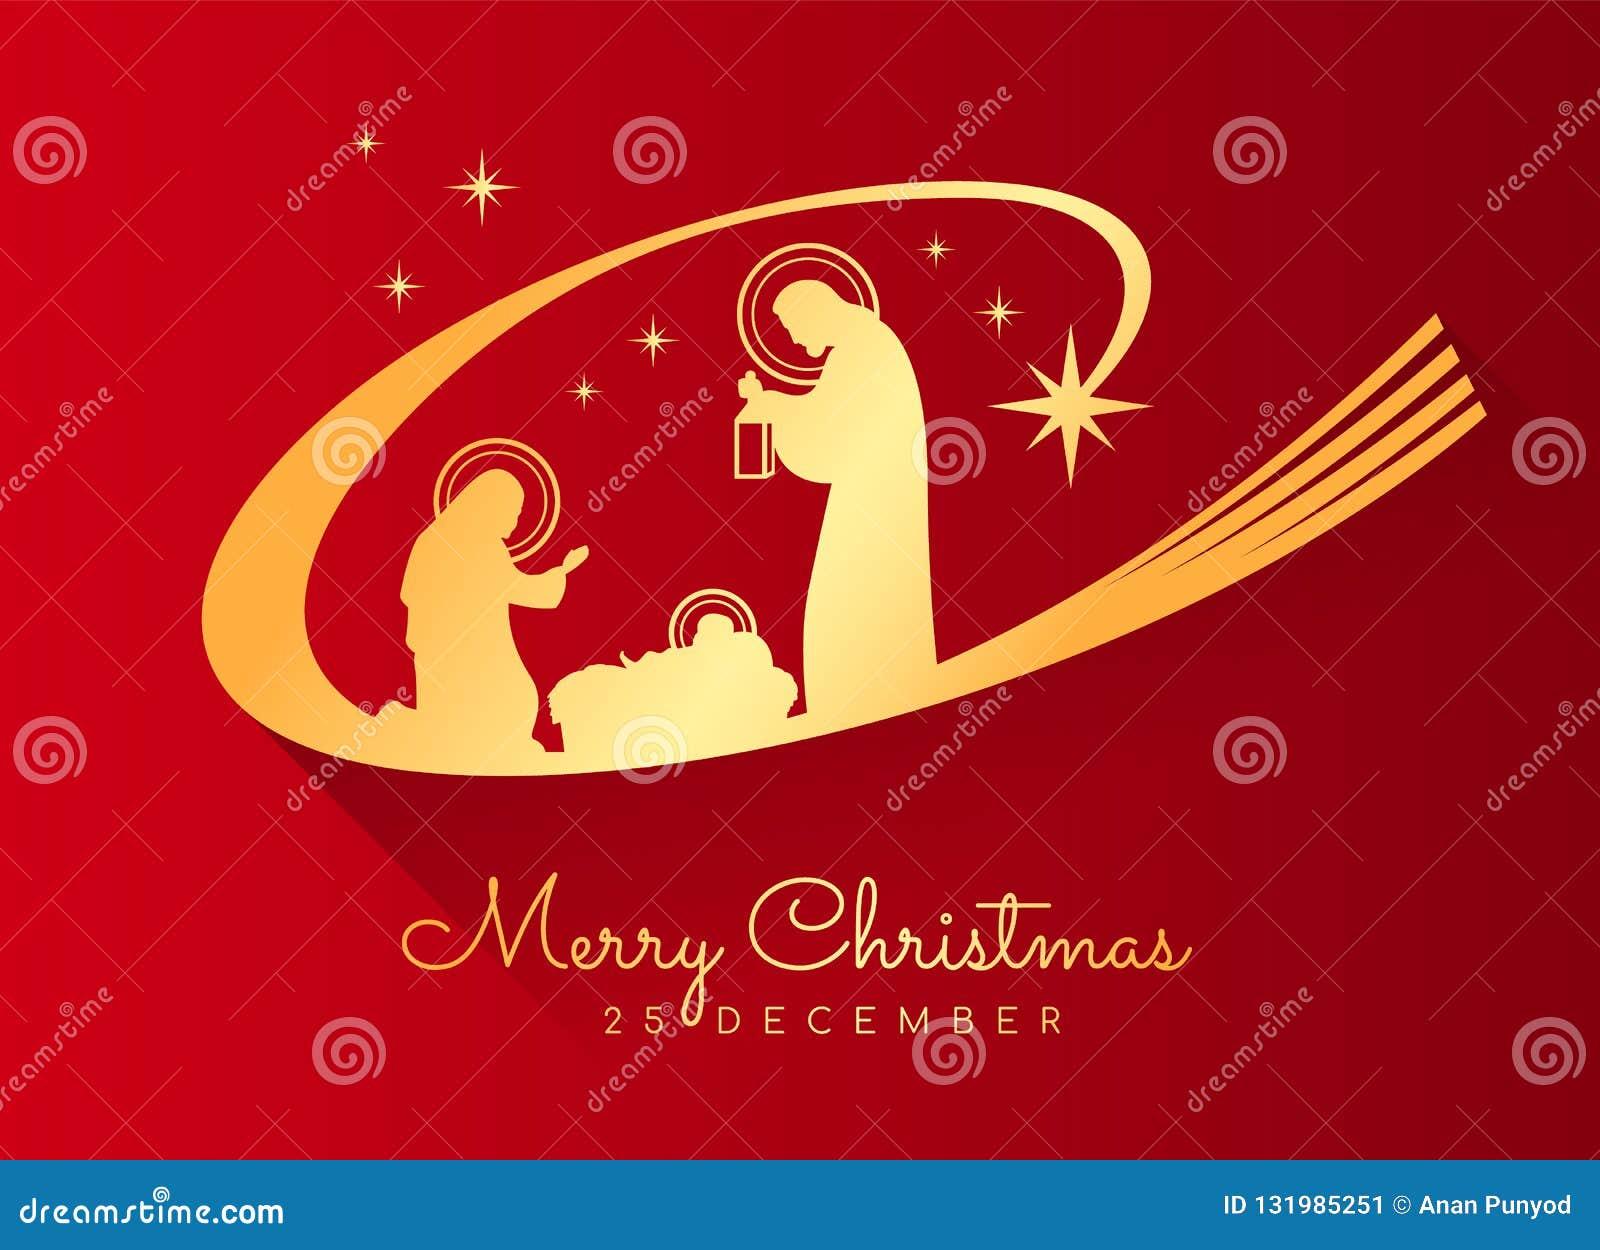 Banret för glad jul med guld- Nightly jullandskap mary och joseph i en krubba med behandla som ett barn Jesus på röd bakgrund